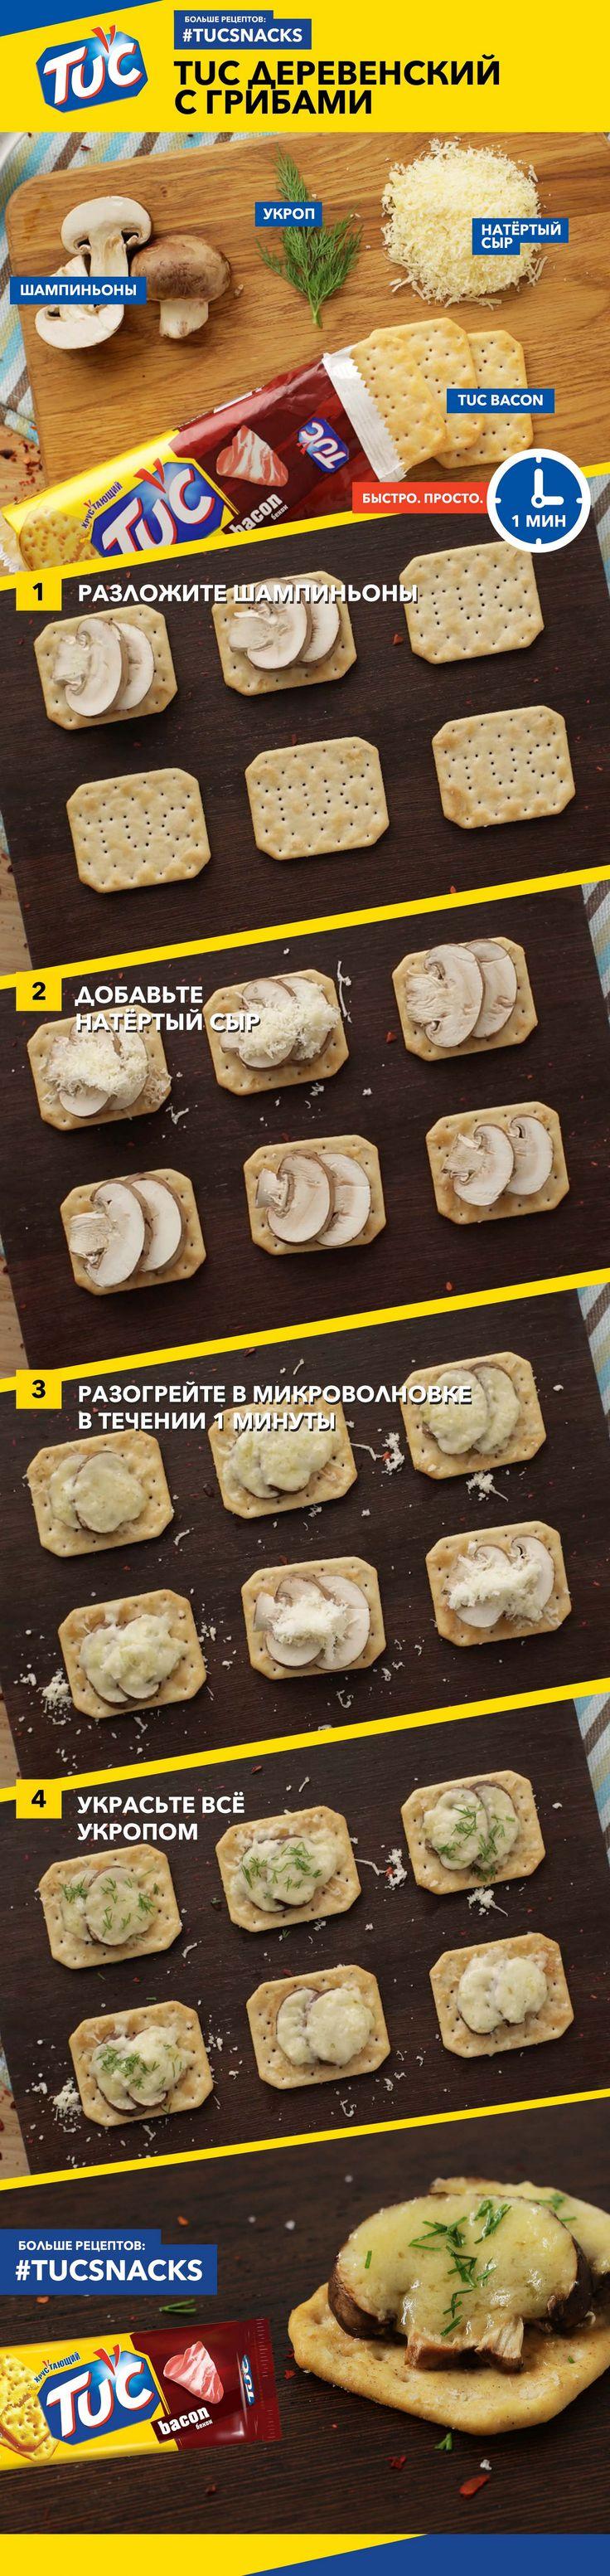 TUC деревенский с грибами. Каждый укус переносит тебя к бревенчатому домику, ты чувствуешь запах костра и мокрой травы после дождя. Готов? Бери TUC Bacon, шампиньоны и любой твердый сыр.  Мелко нарежь грибы и обжарь их на сковородке 2 минуты. Выложи на крекер, посыпь сверху тертым сыром. Ставь в микроволновку на 1 минуту и наслаждайся.  #tucsnacks #tuc